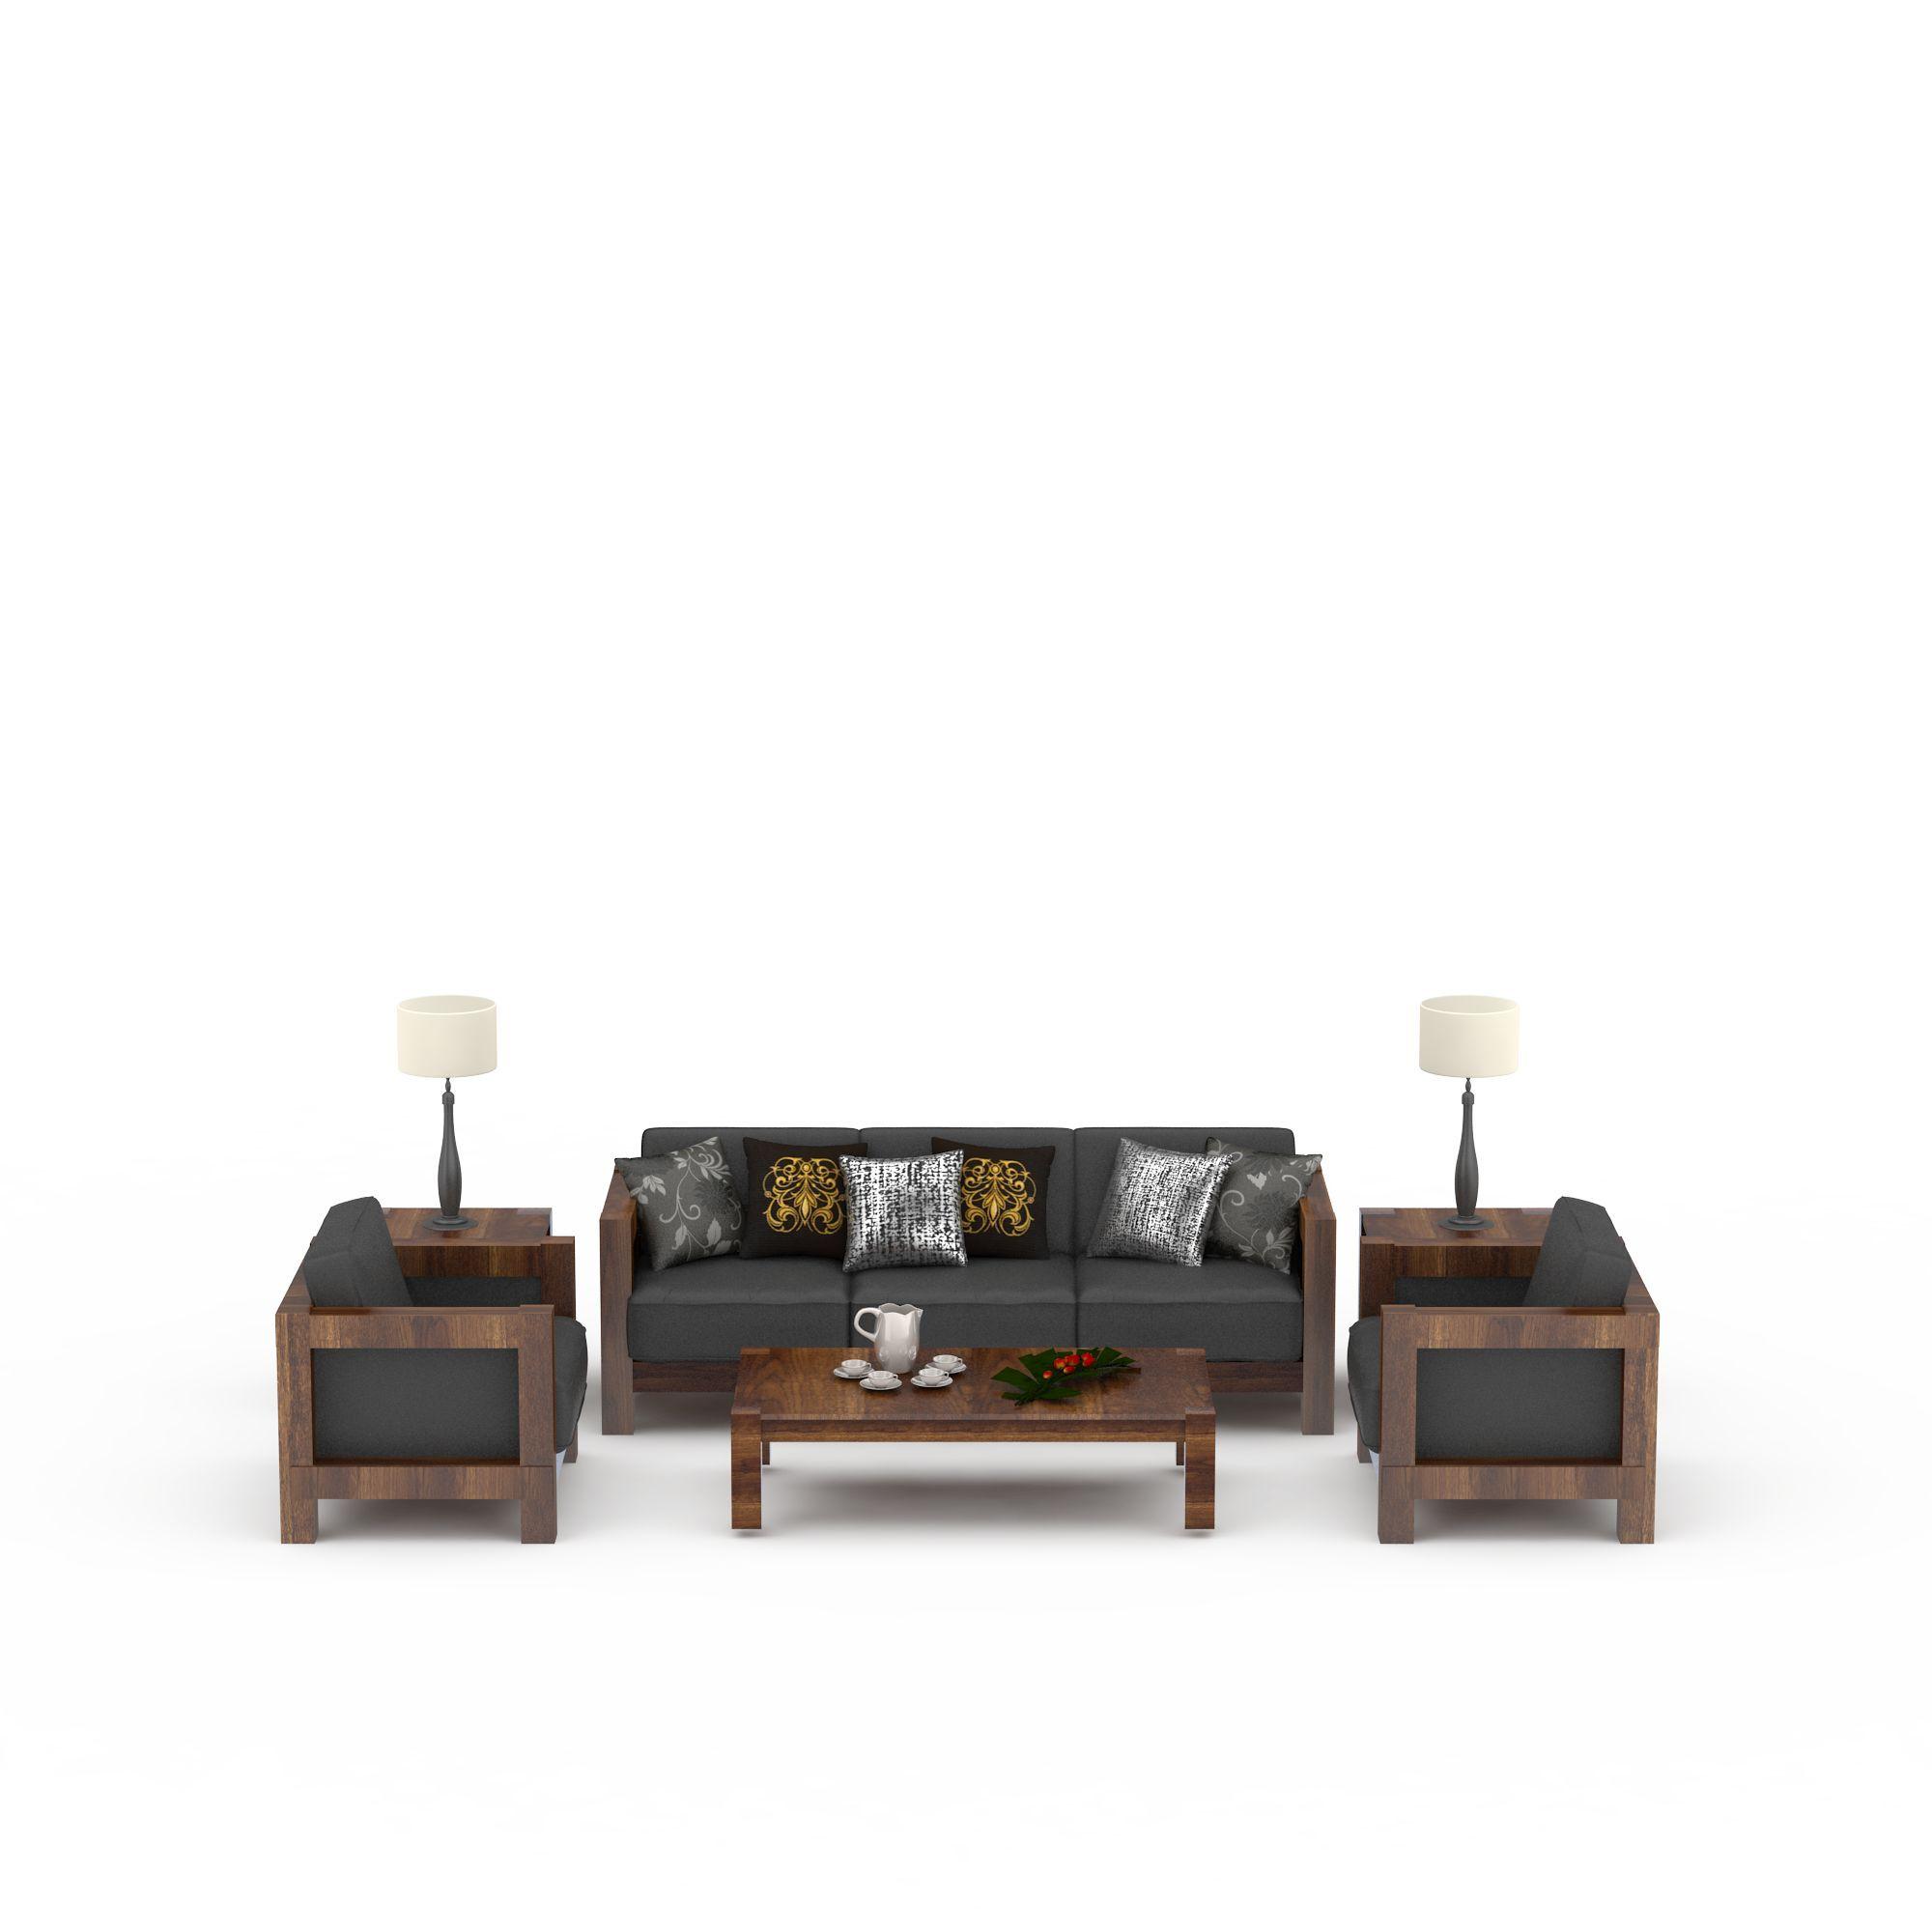 中式客厅沙发图片_中式客厅沙发png图片素材_中式客厅